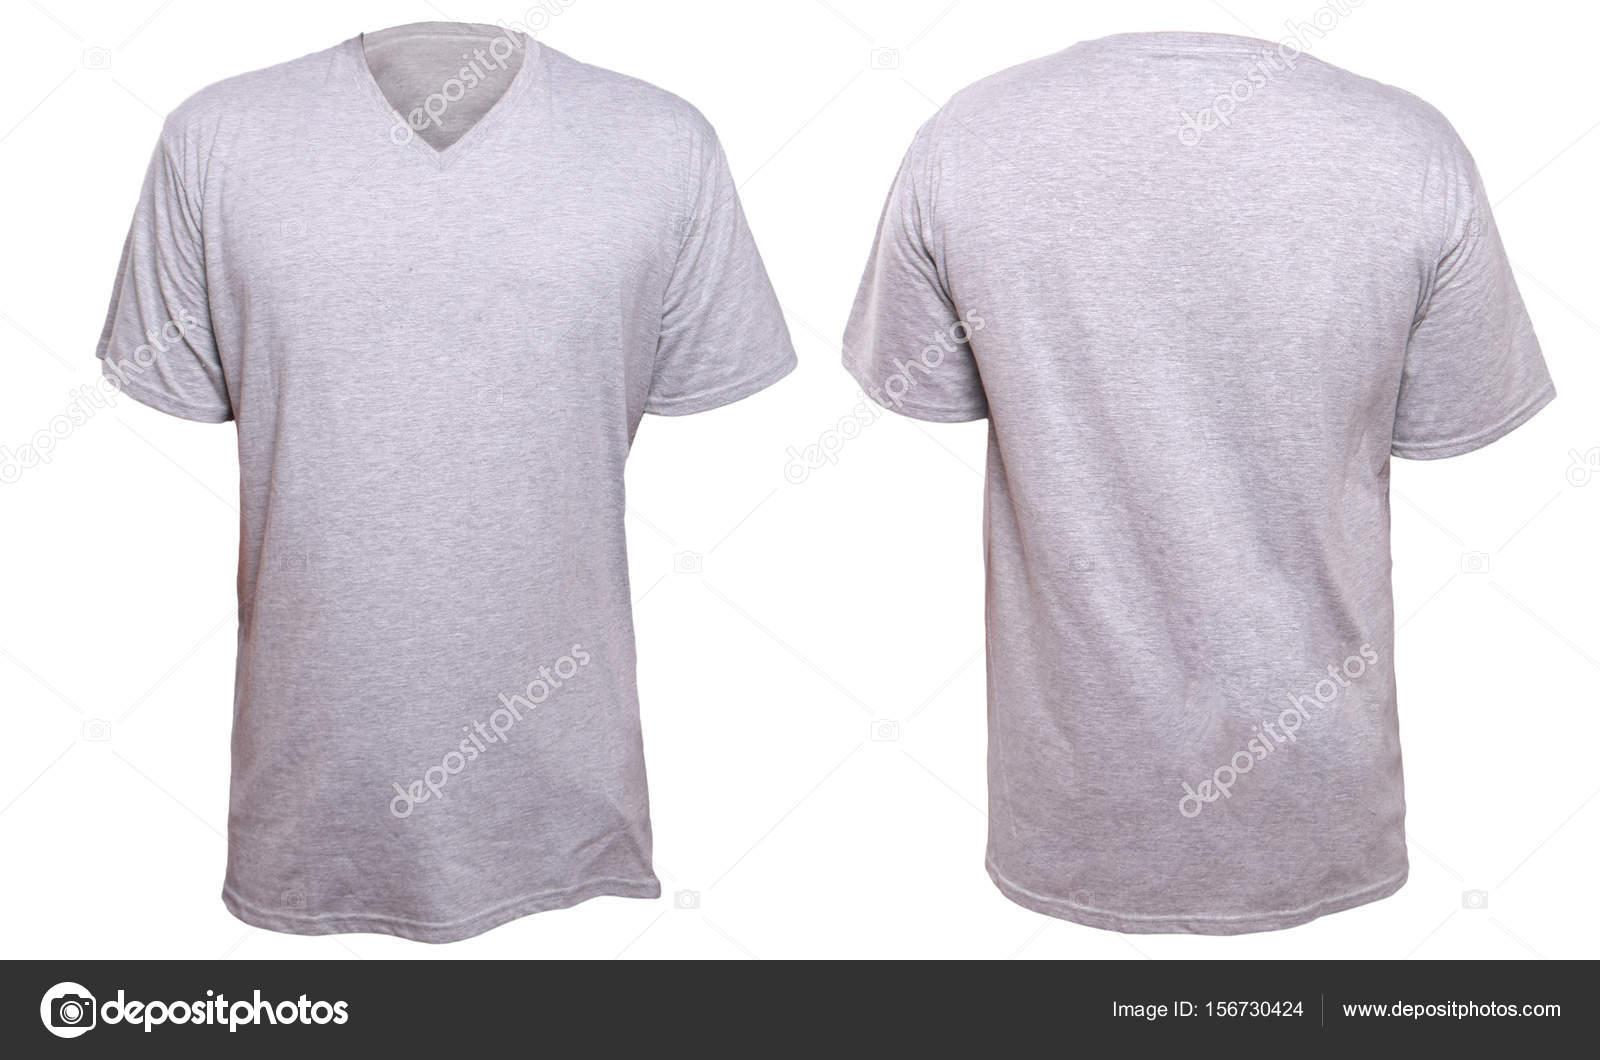 Misty Grey v-Neck-Shirt-Design-Vorlage — Stockfoto © airdone #156730424